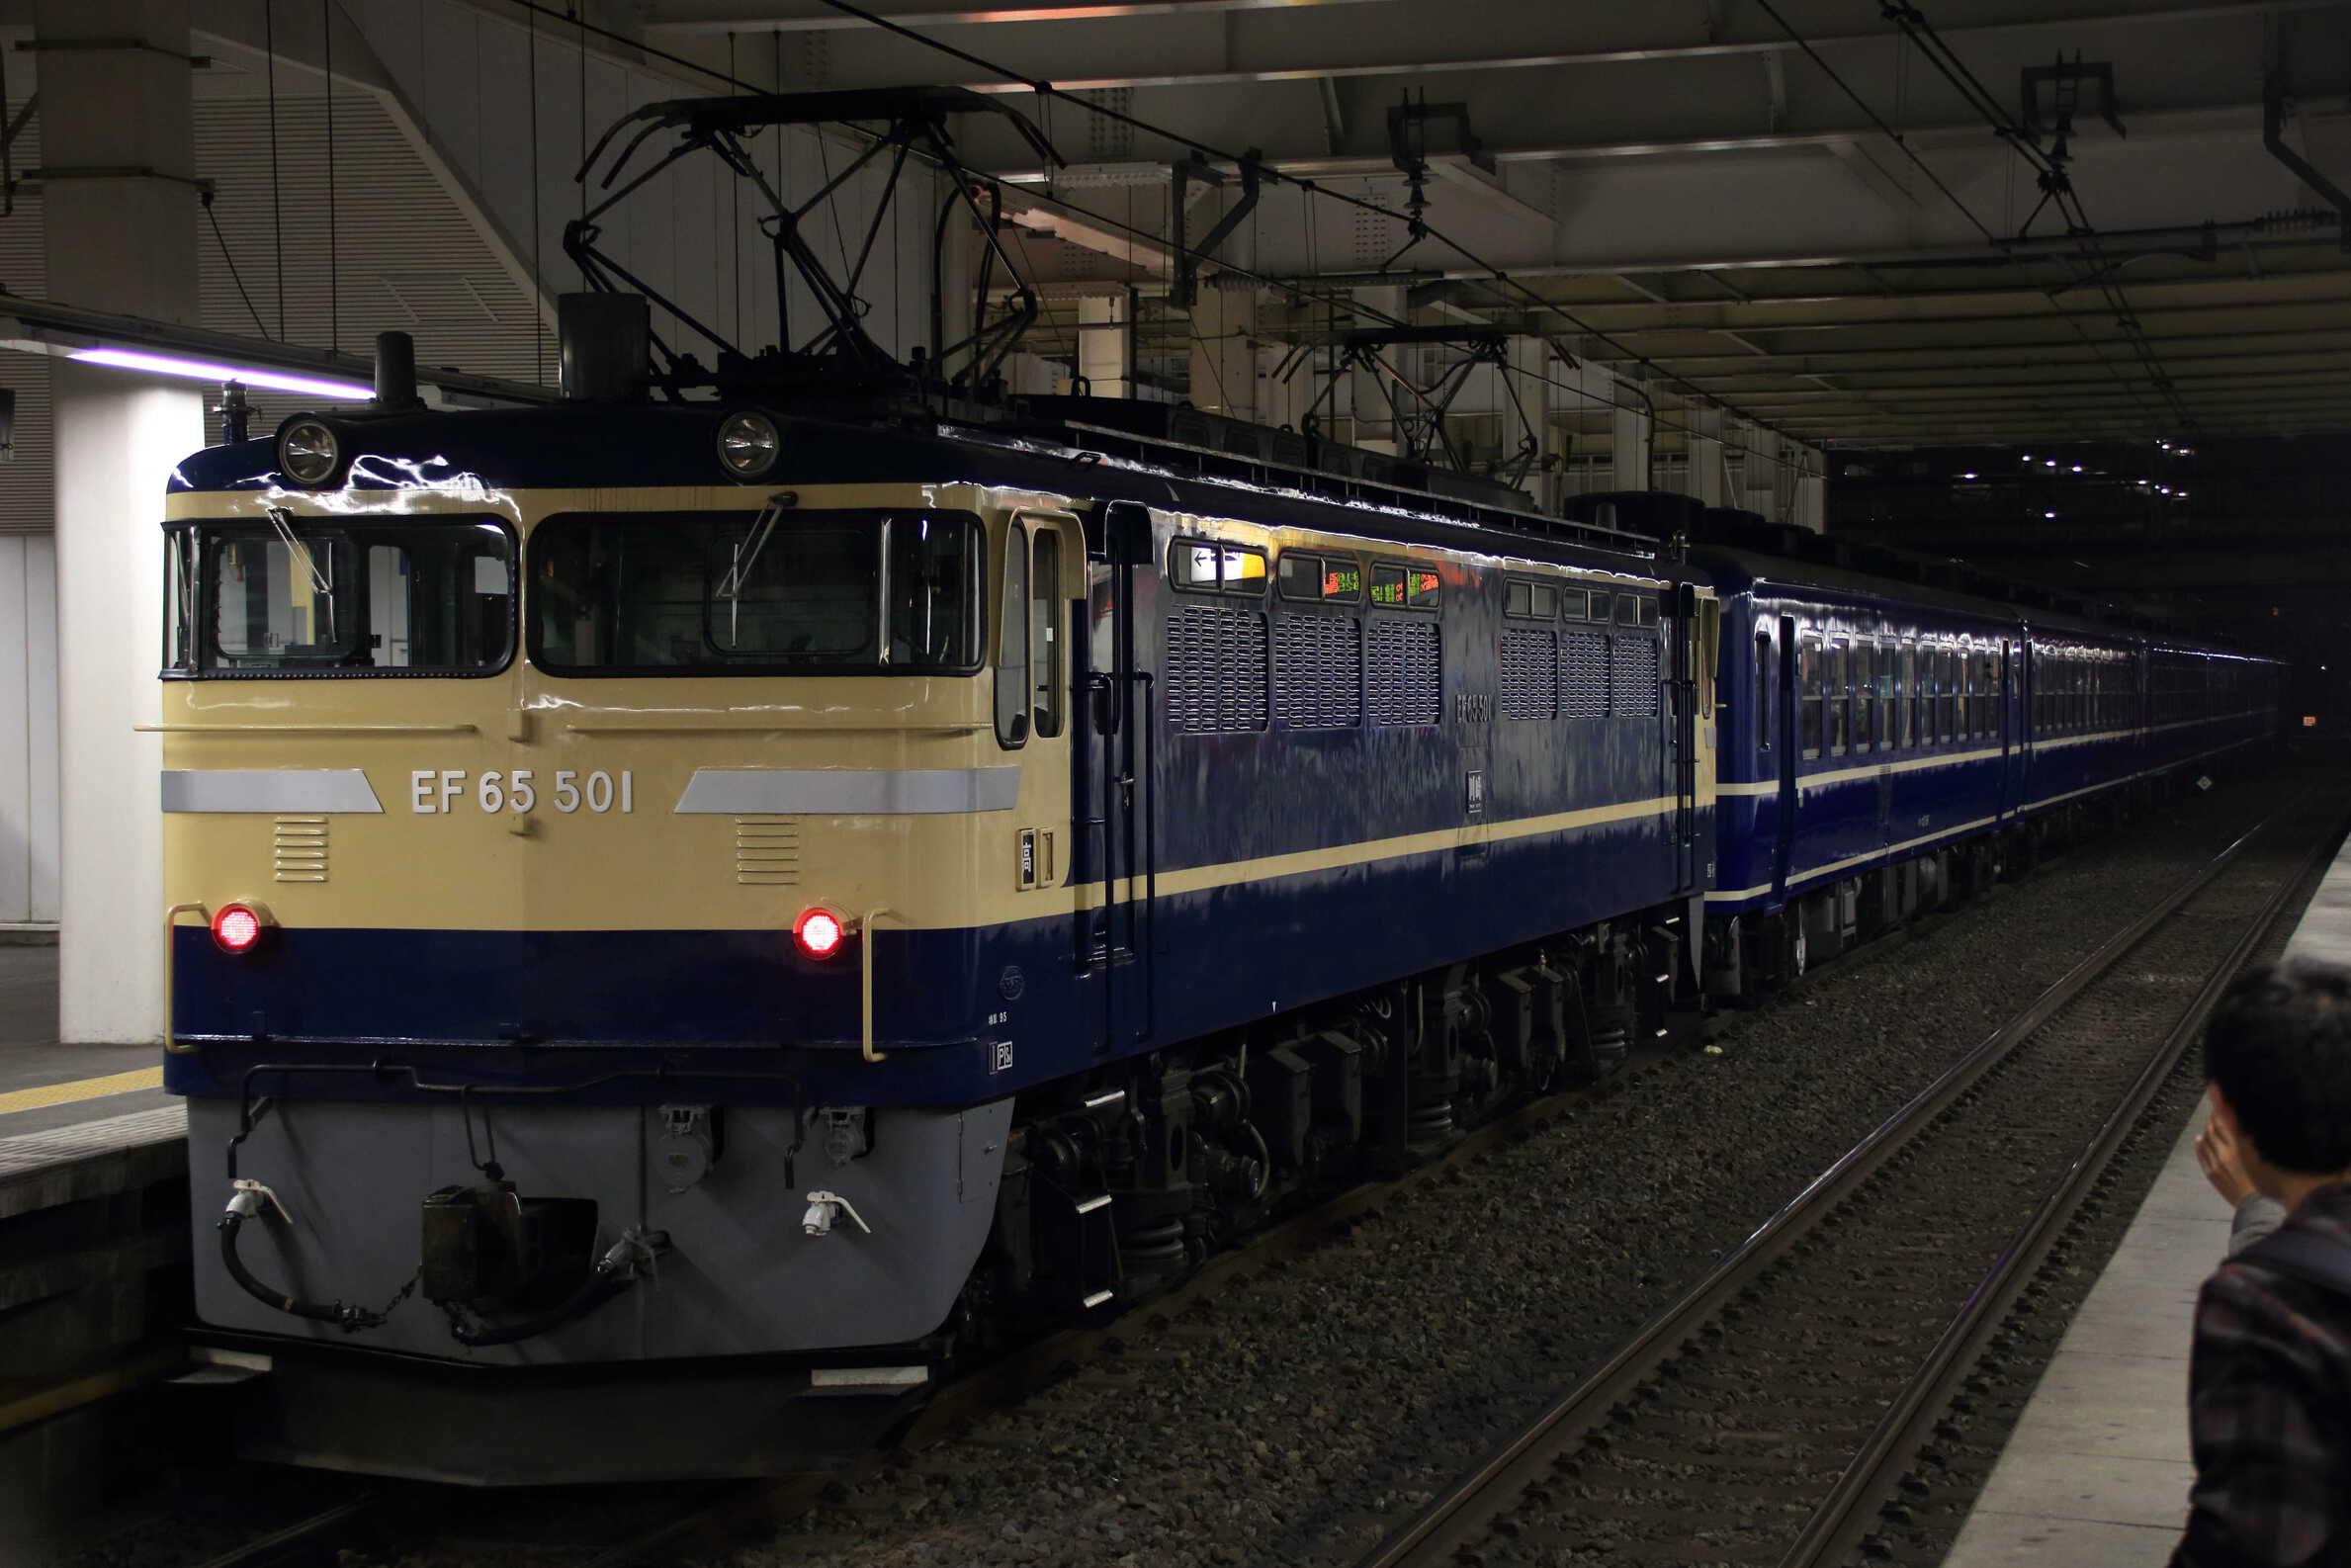 9732列車 快速 EL&SLみなかみ EF65-501①[高]+12系 高タカ車5両+EF60-19①[高]